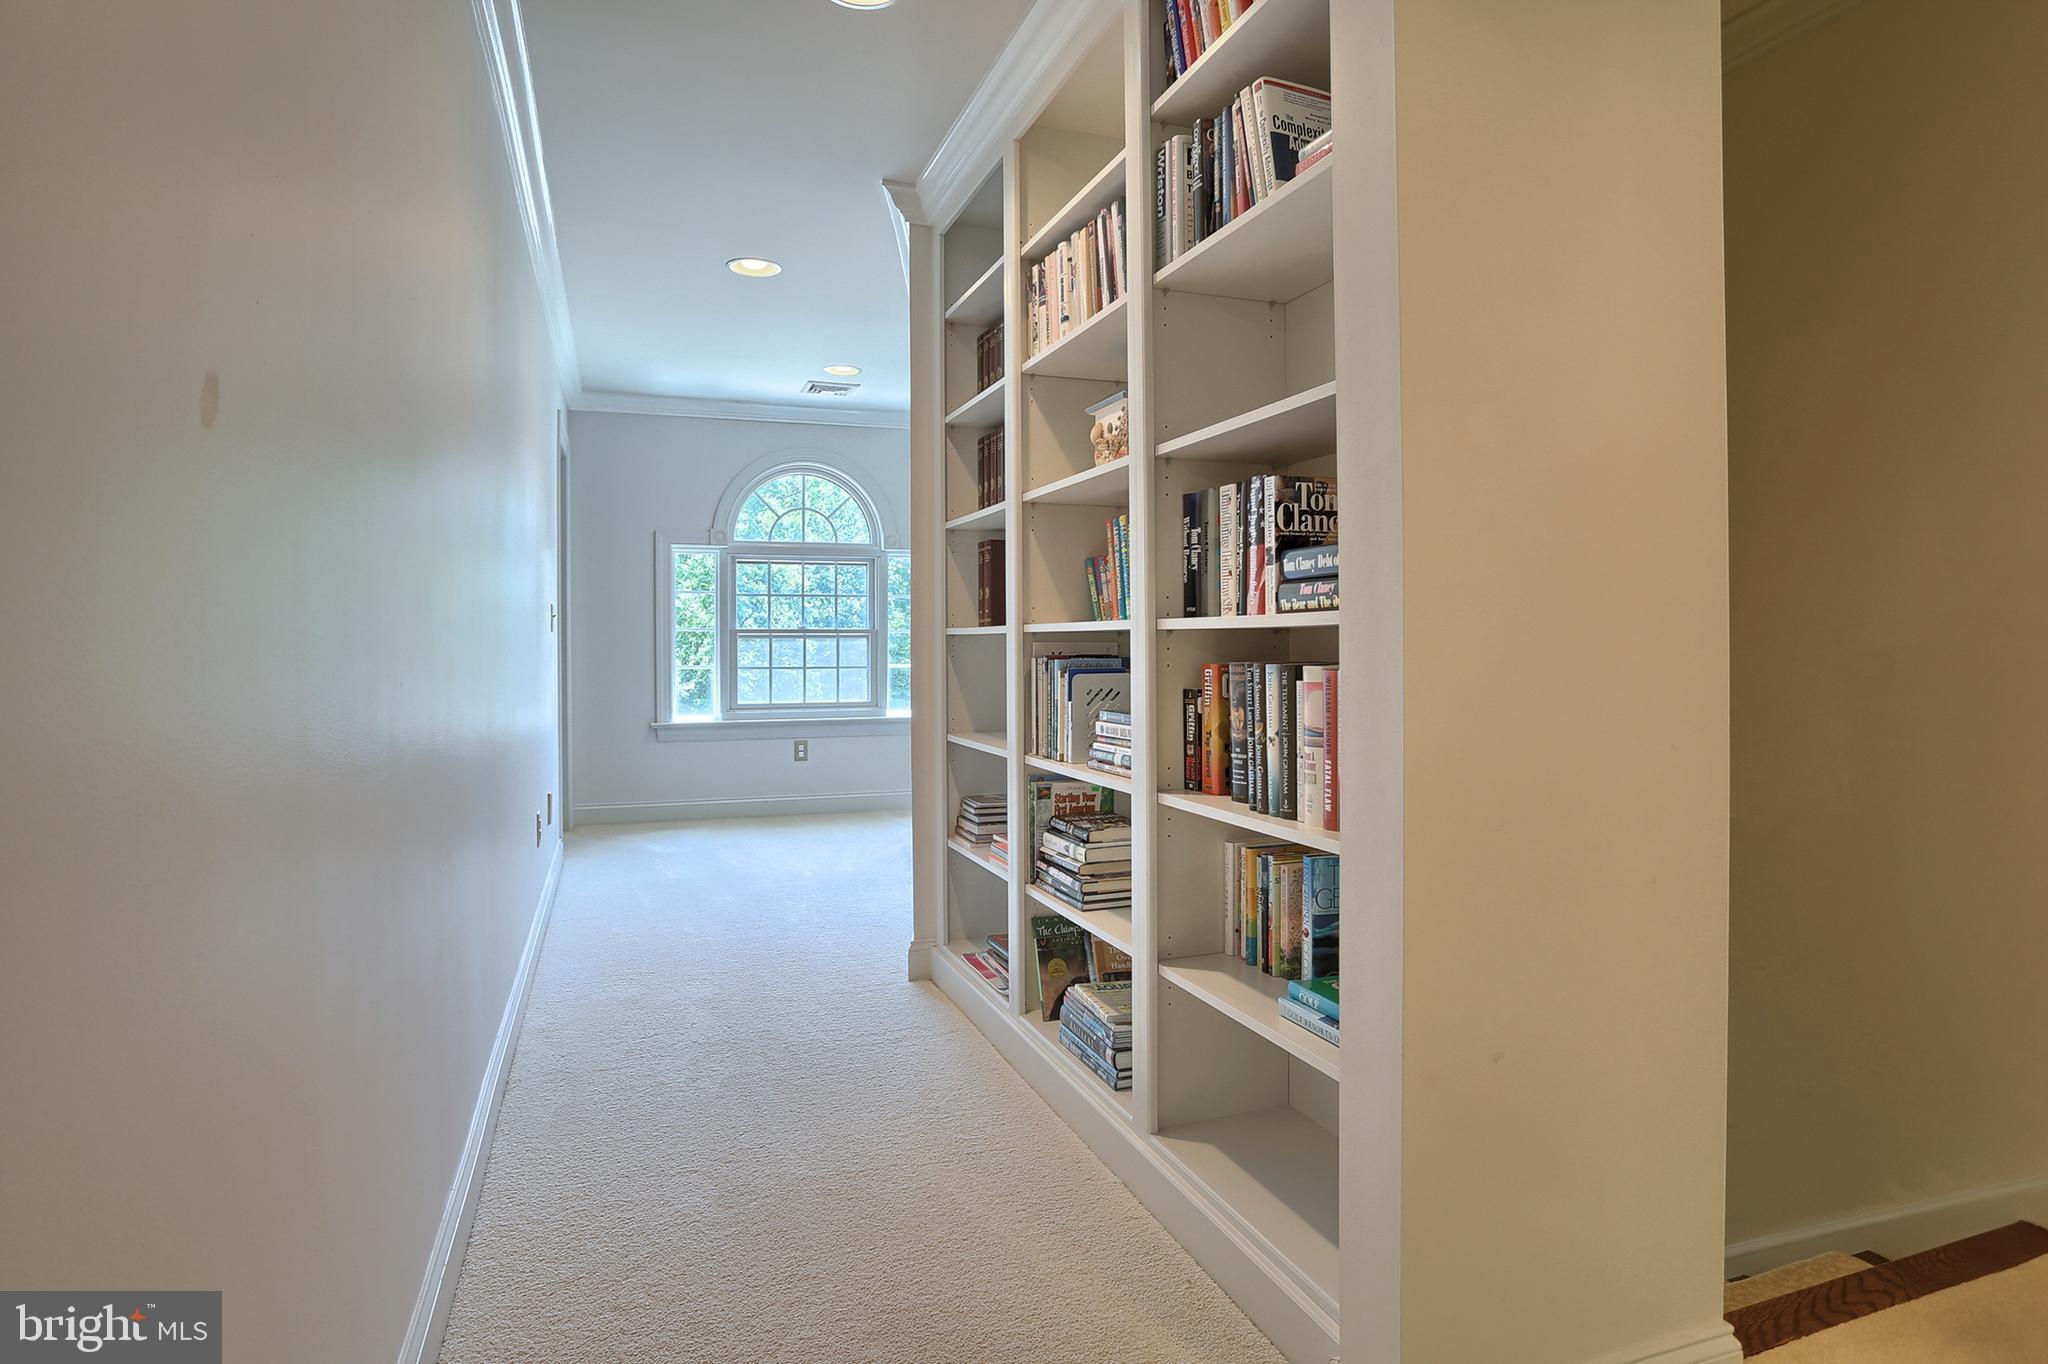 Hallway to 2nd floor Bedrooms 1 & 2